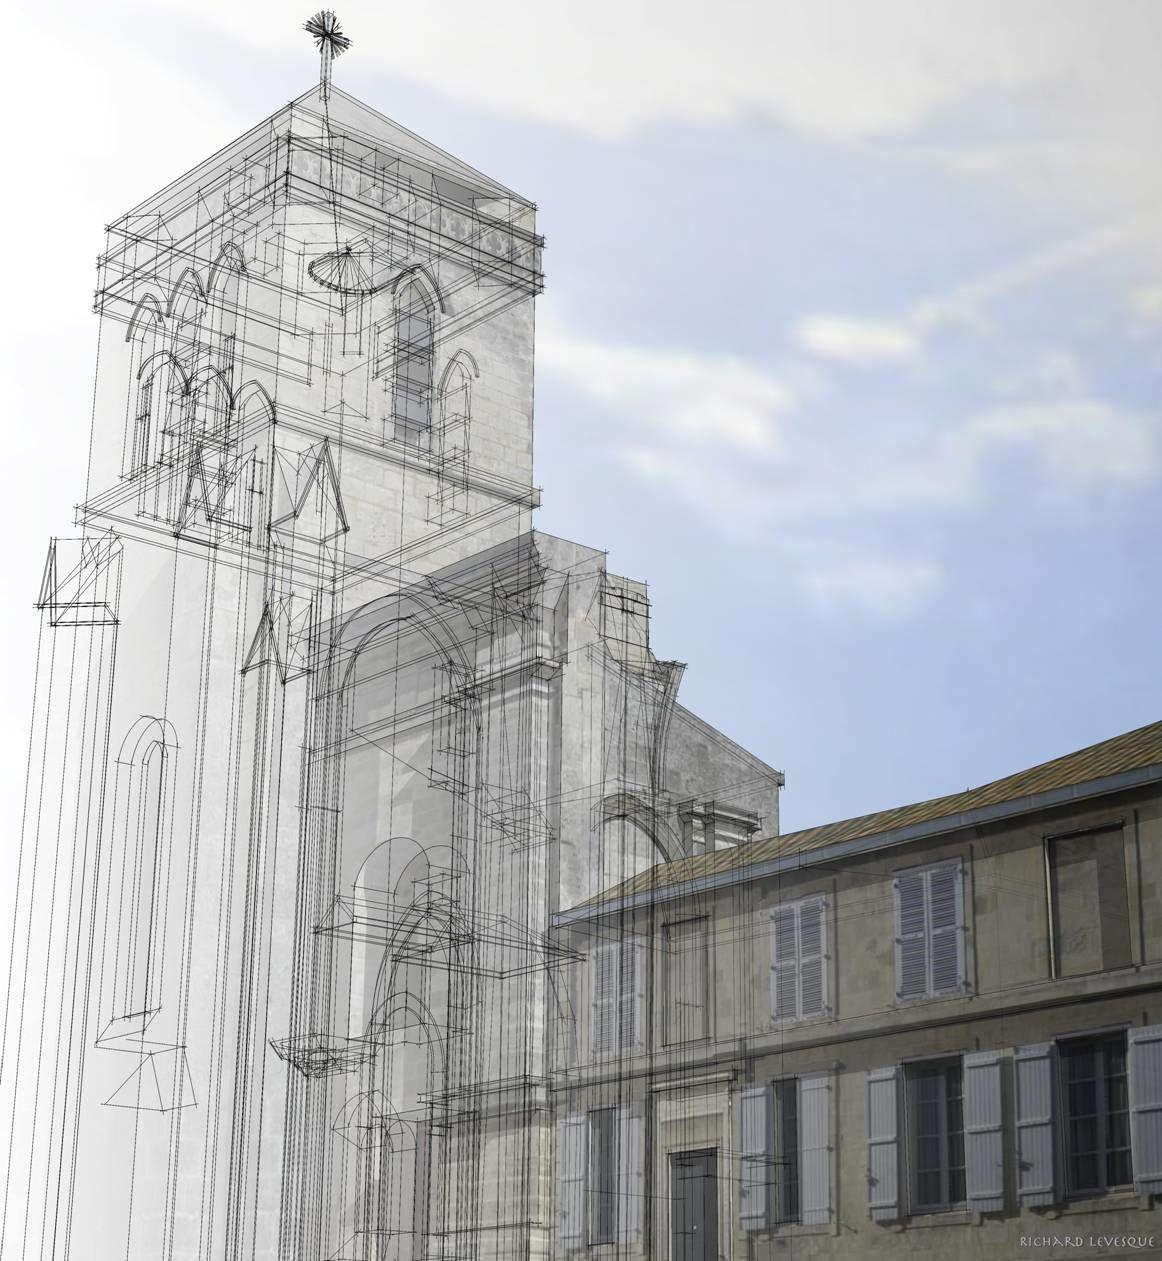 L'église Saint-Barthélemy était jadis orientée est-ouest et son entrée se situait dans l'actuelle rue Pernelle.